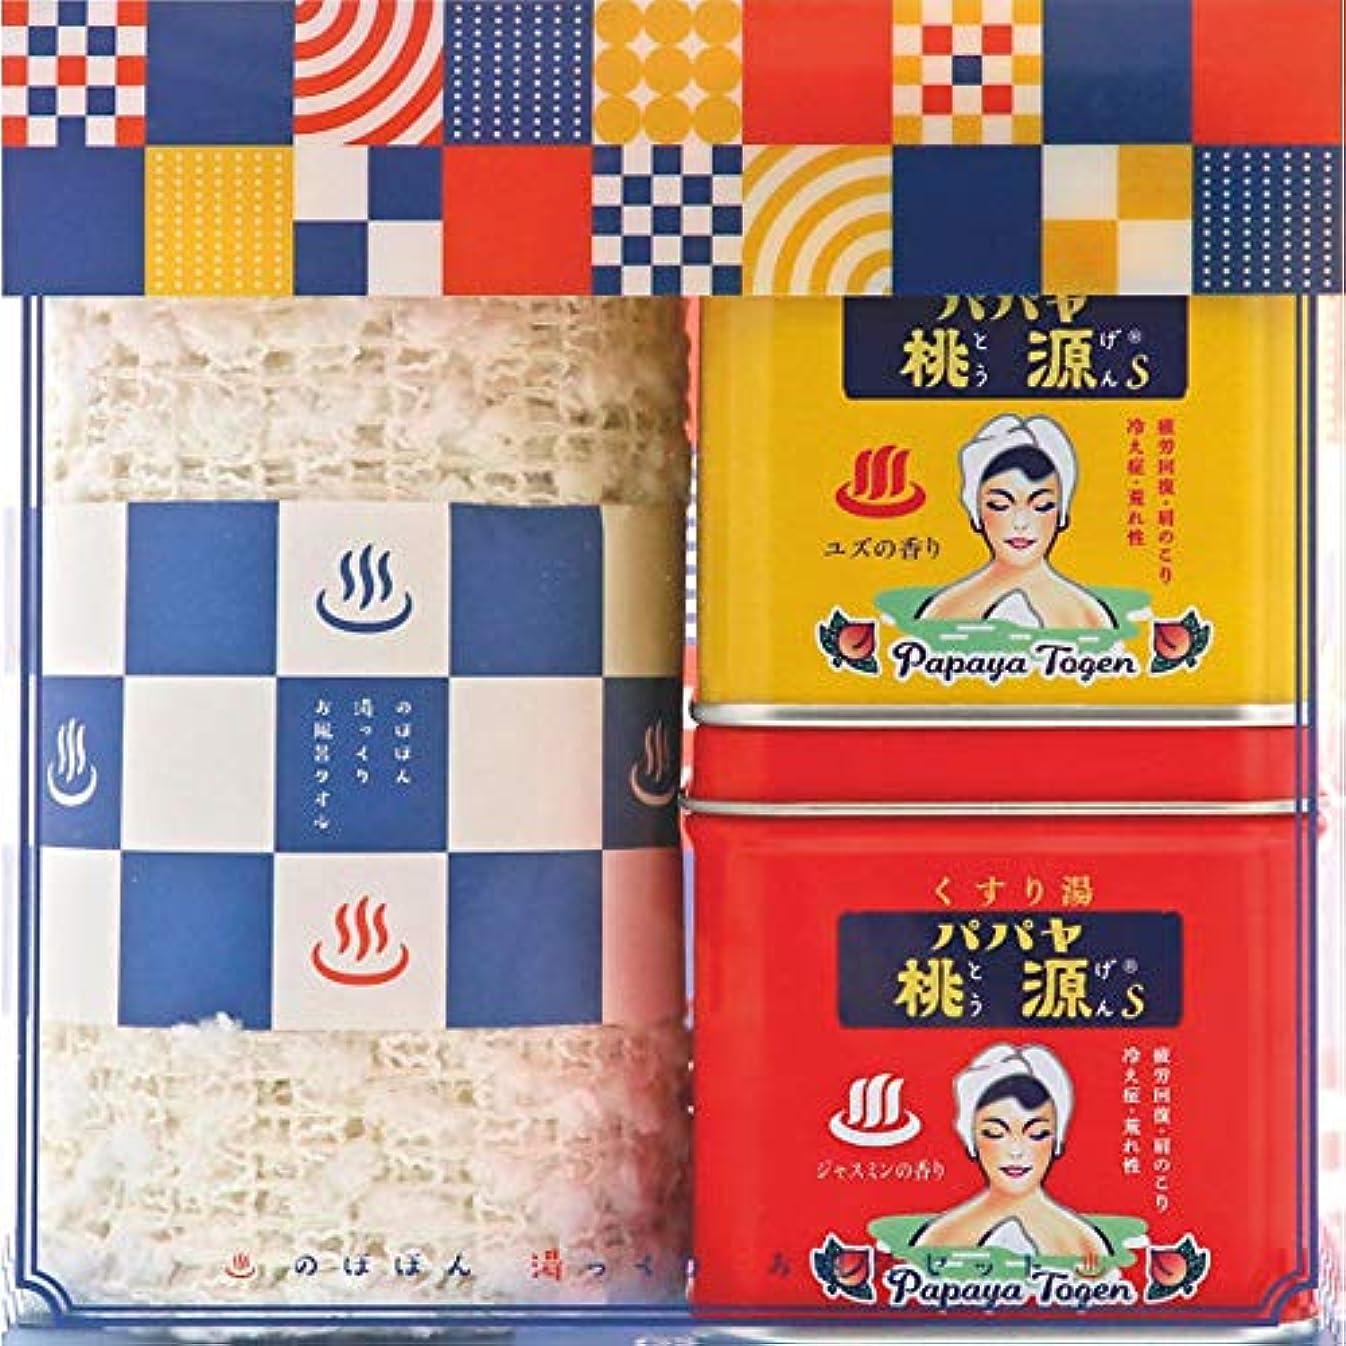 おじさん群れ公爵パパヤ桃源 のほほん湯っくりお風呂セットA (五洲薬品) 入浴剤 ユズ(70g)+ジャスミン(70g)+タオル